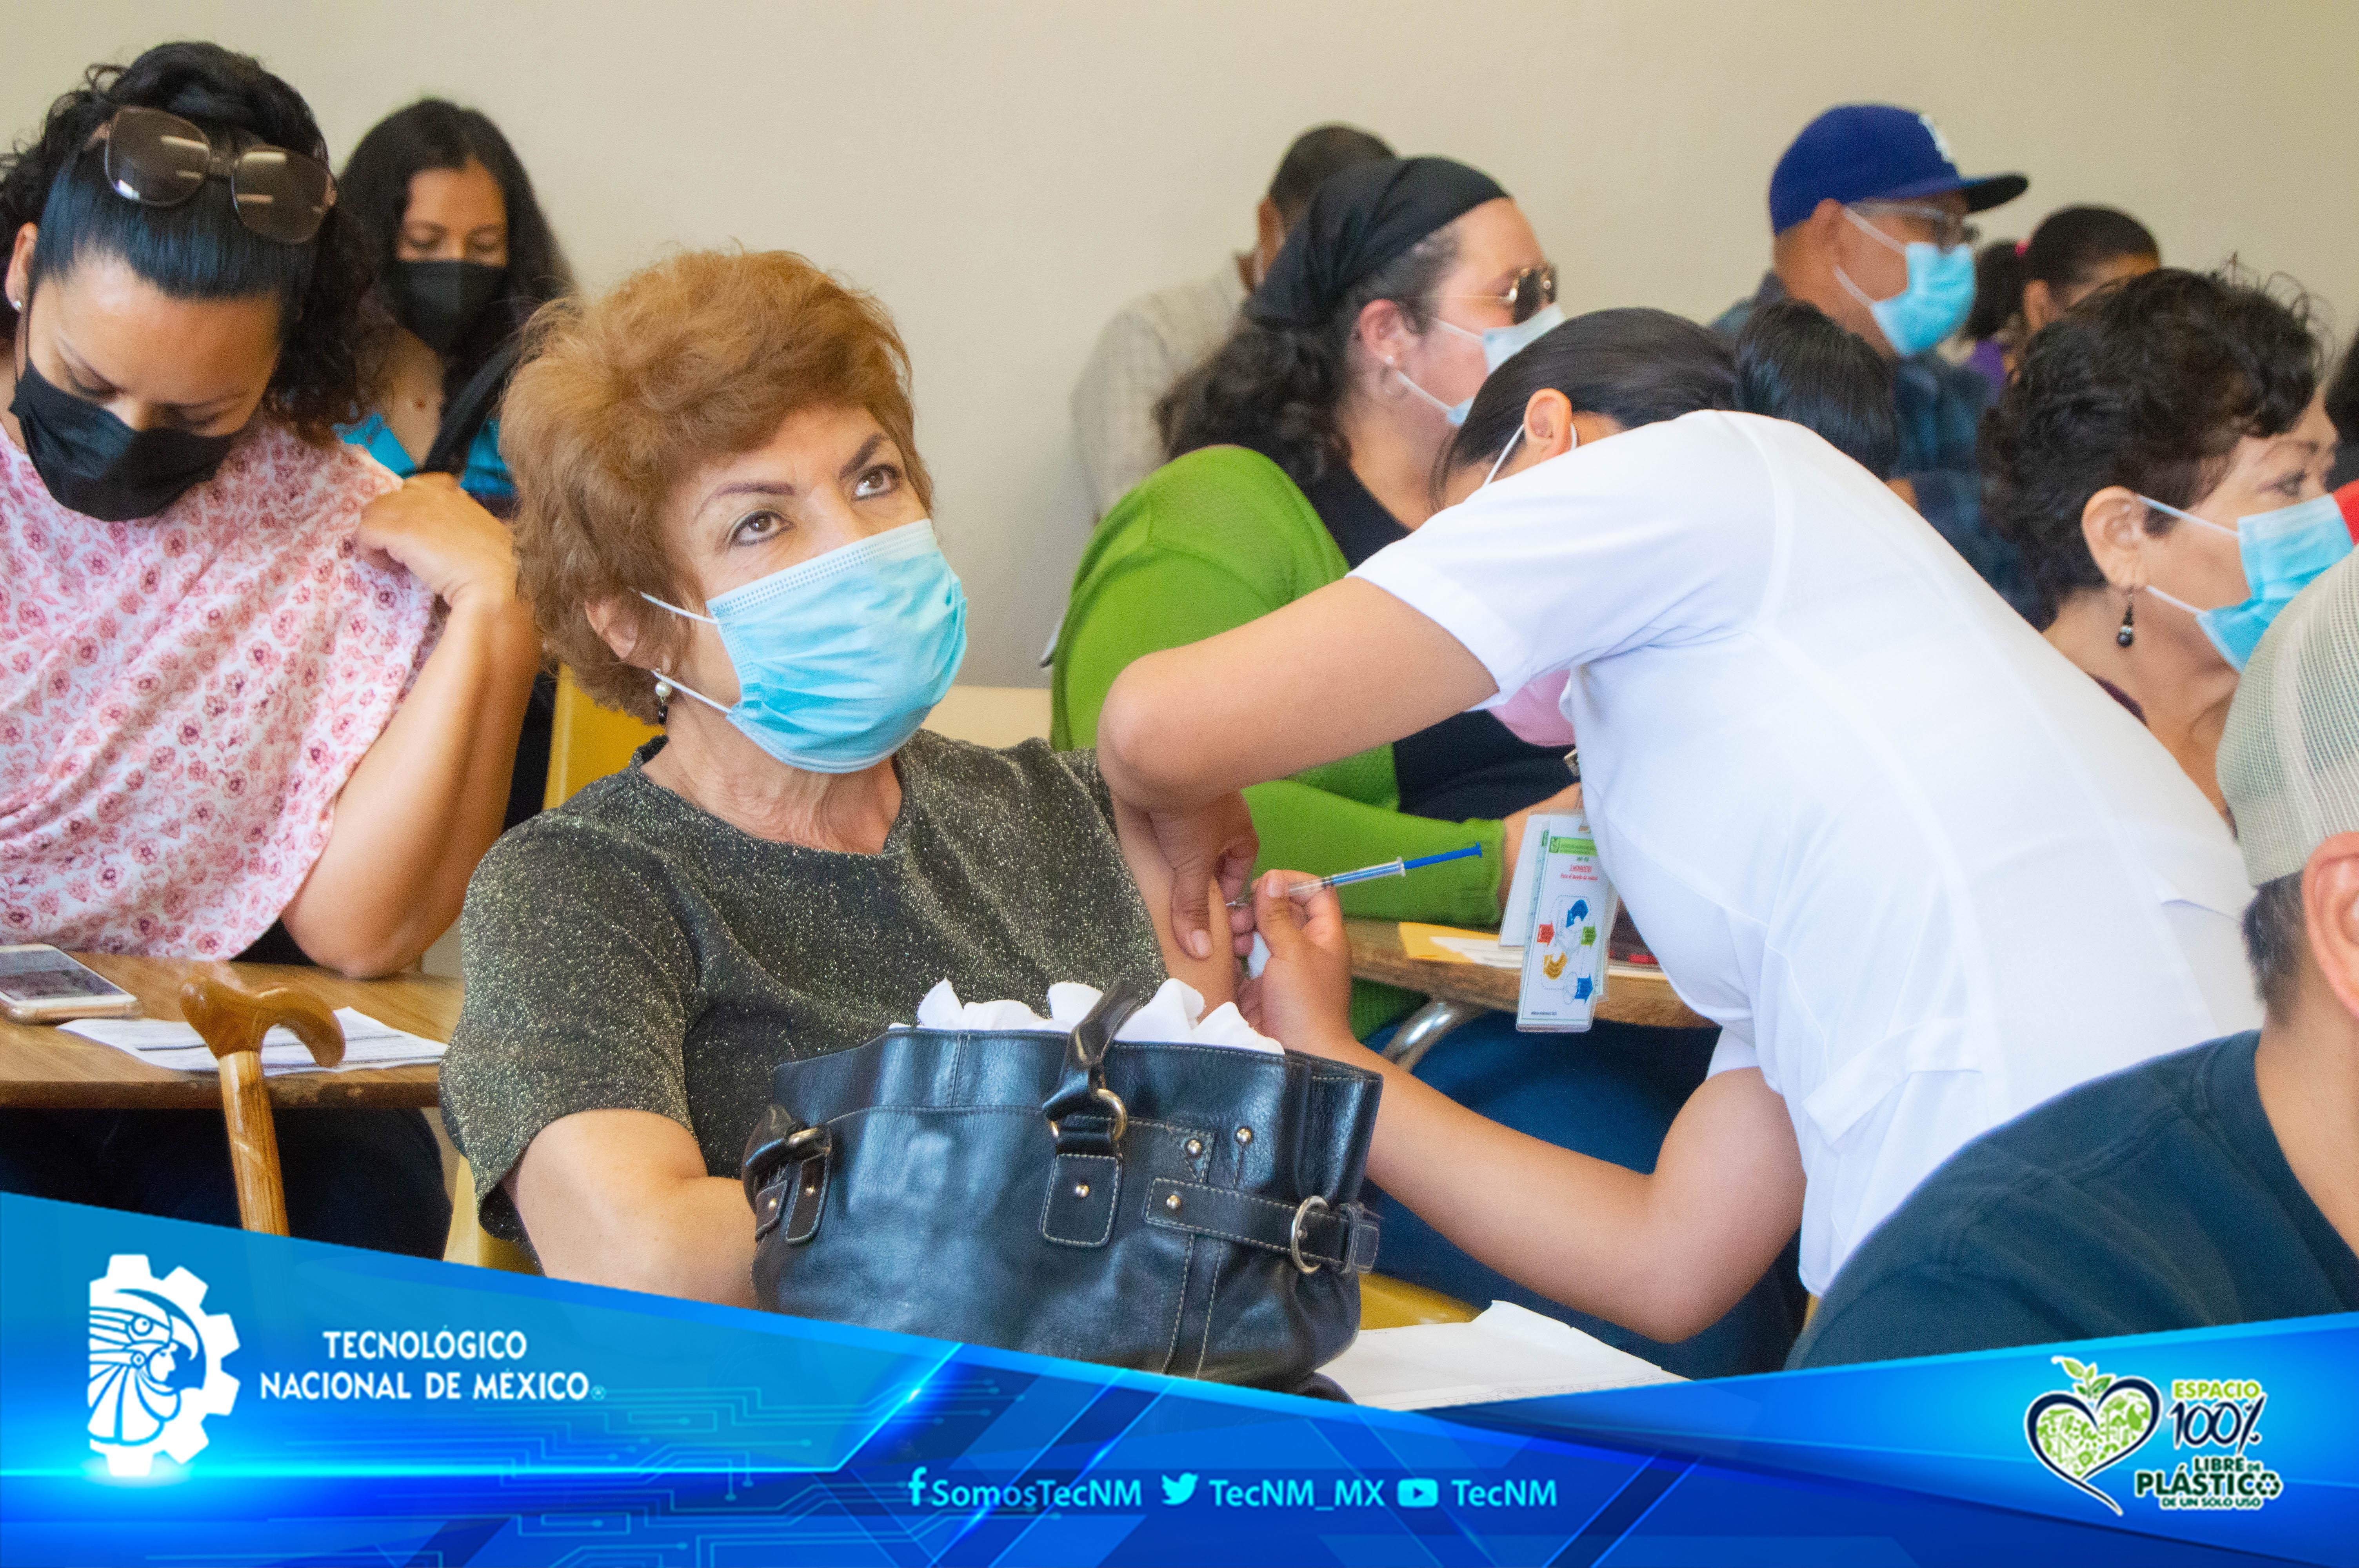 El Tecnológico Nacional de México, Centros Nacionales de Vacunación contra el virus SARS-CoV2-19 (Covid-19).